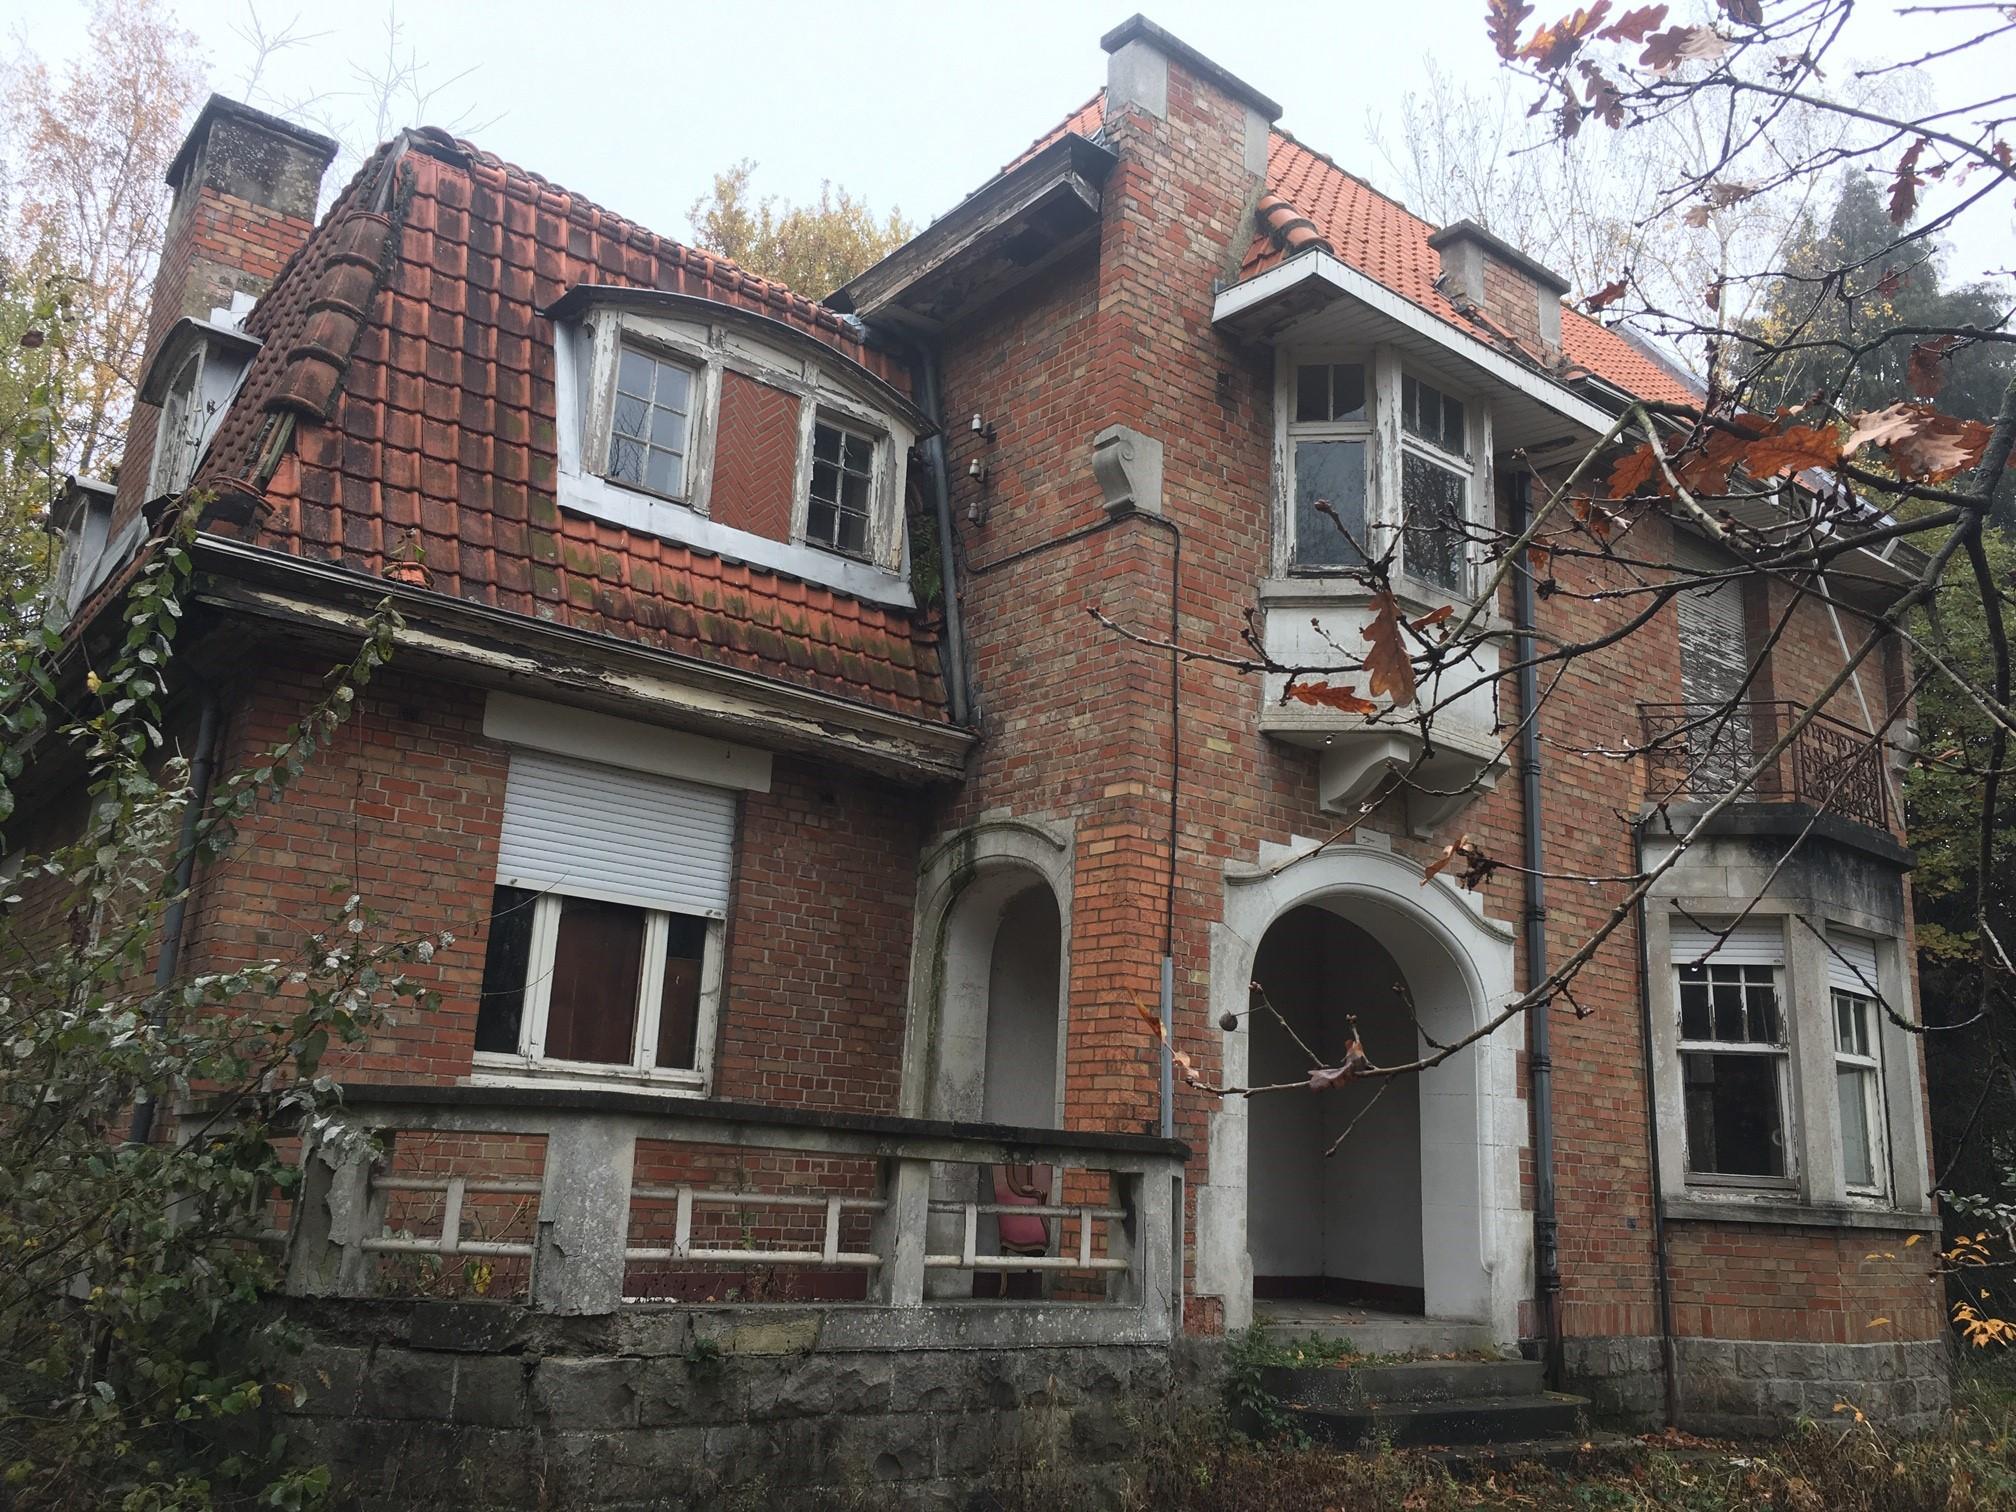 Lot 1 : Villa à rénover complètement + Lot 2 : Parcelle de terrain constructible